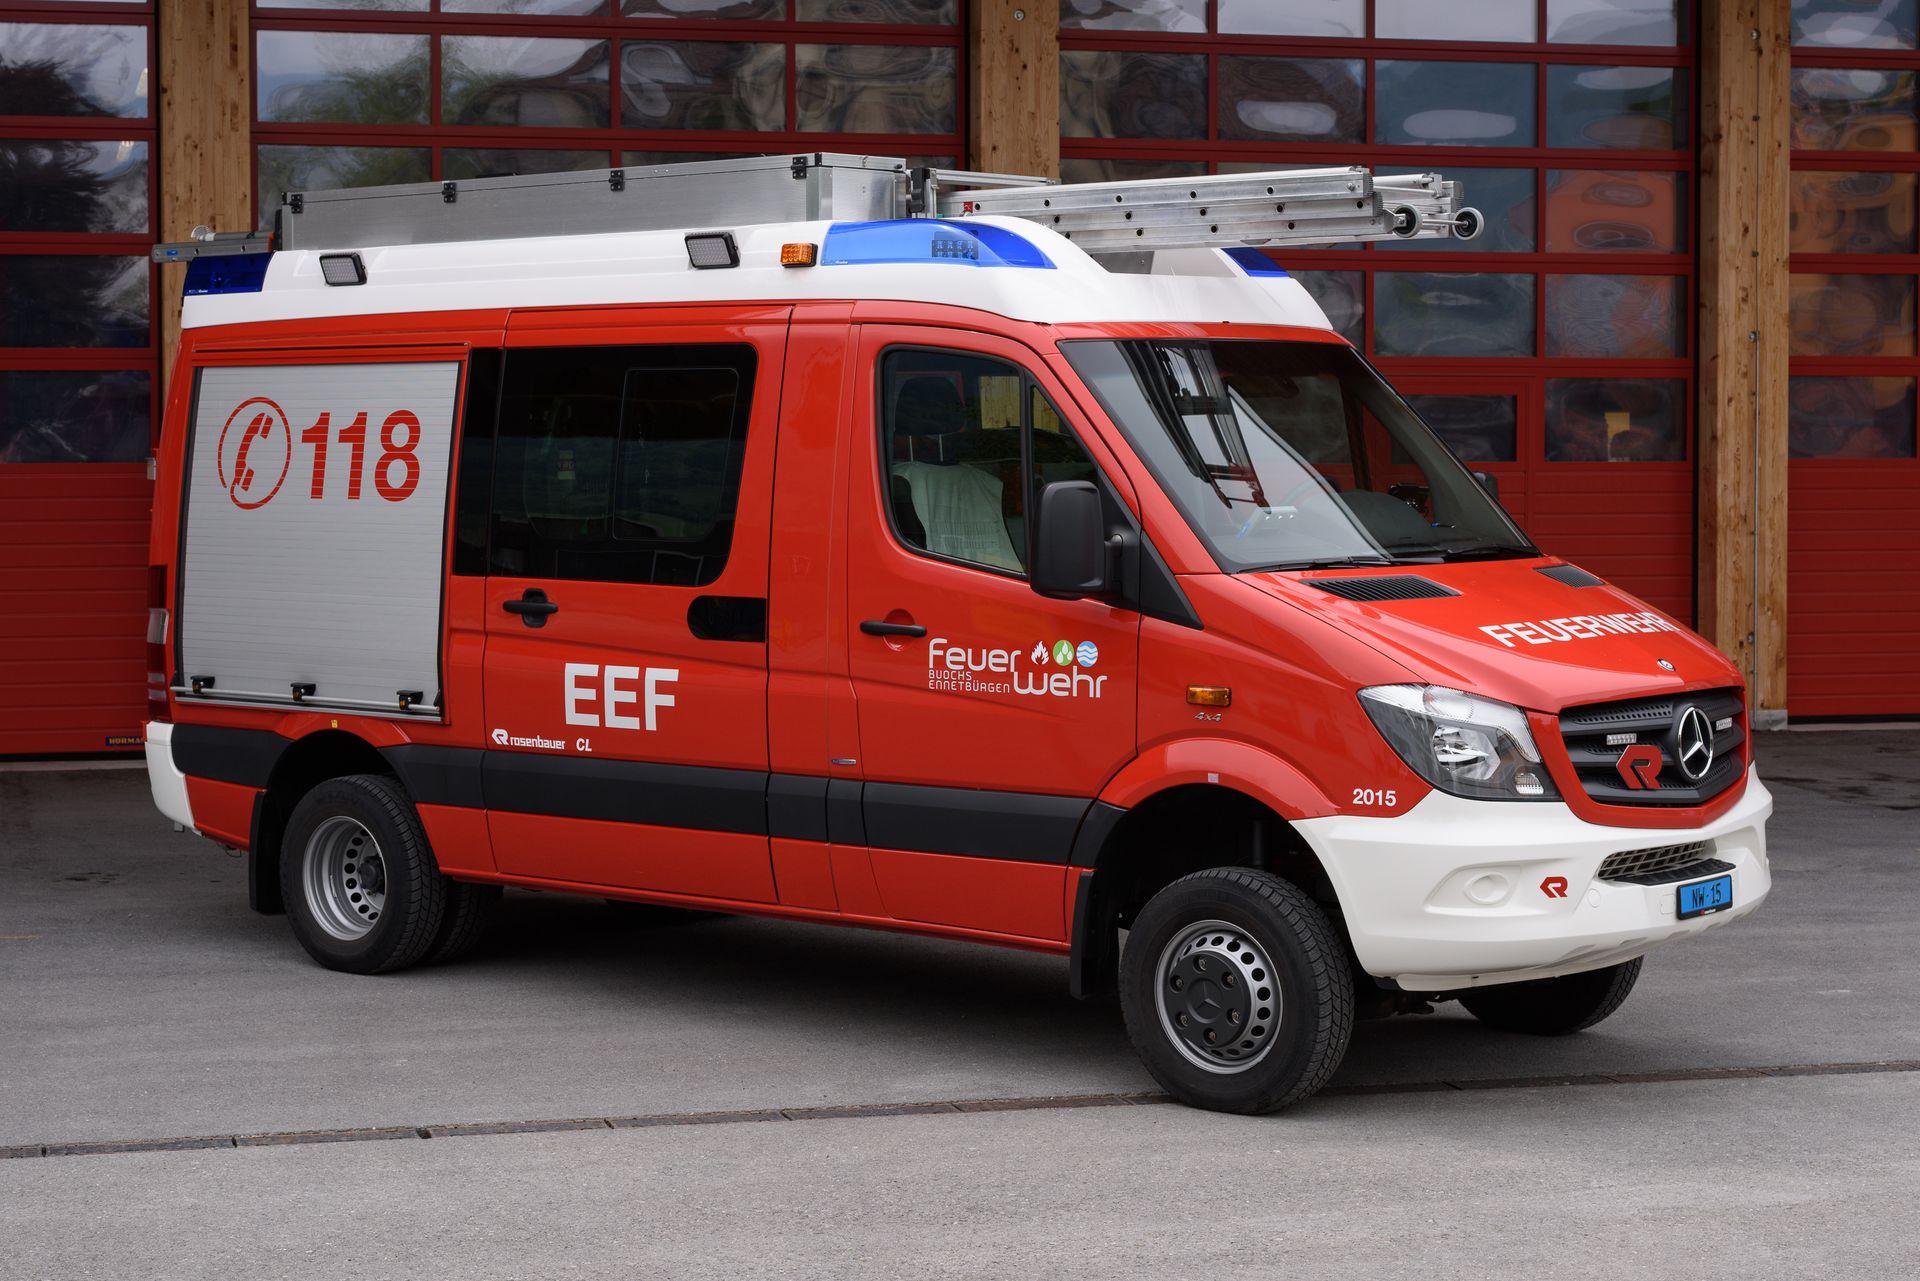 Ersteinsatzfahrzeug EEF